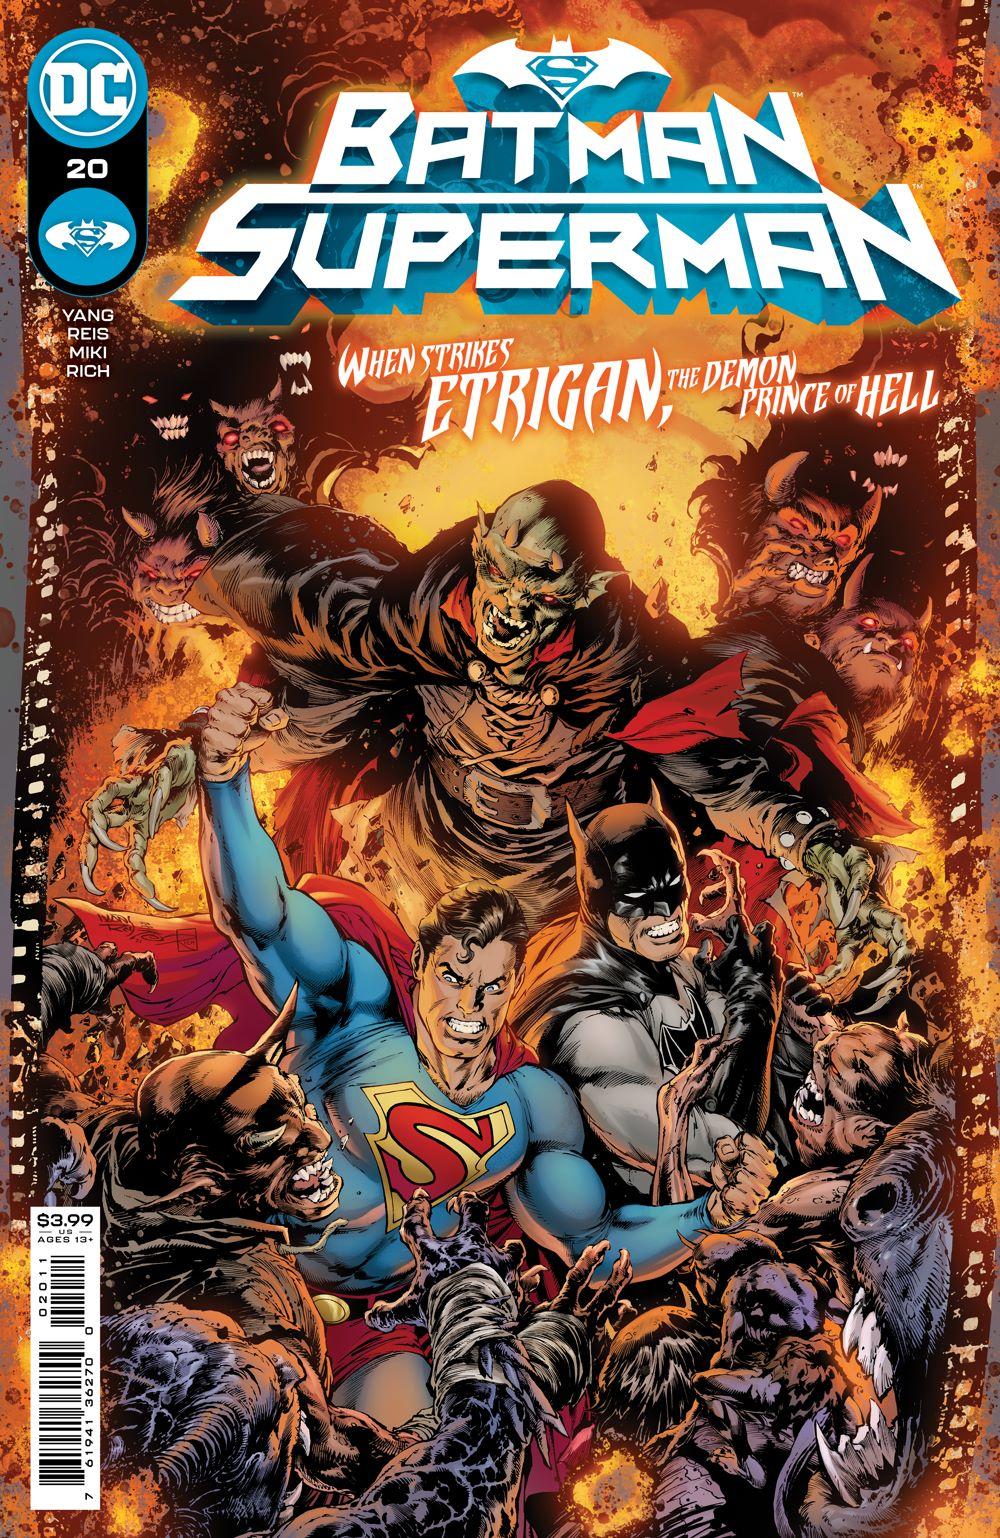 BMSM_Cv20 DC Comics July 2021 Solicitations